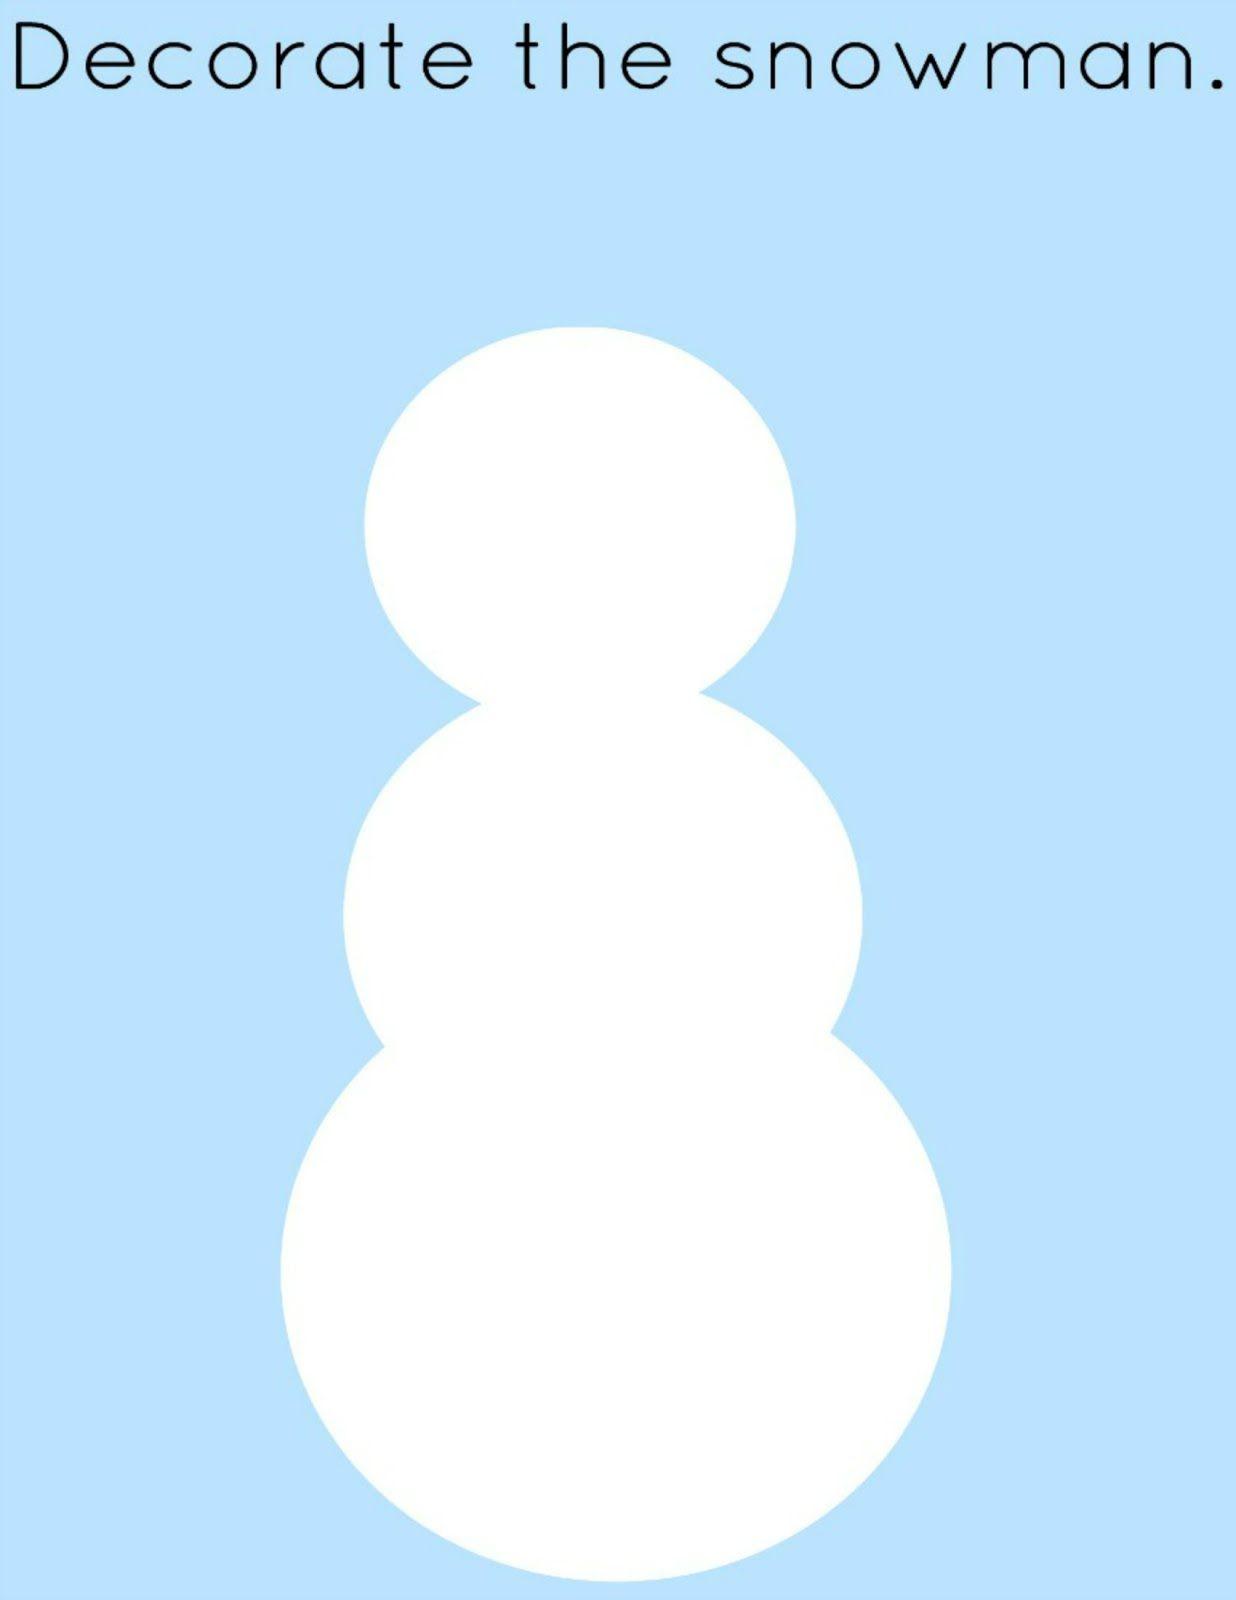 Kleed De Sneeuwman Aan